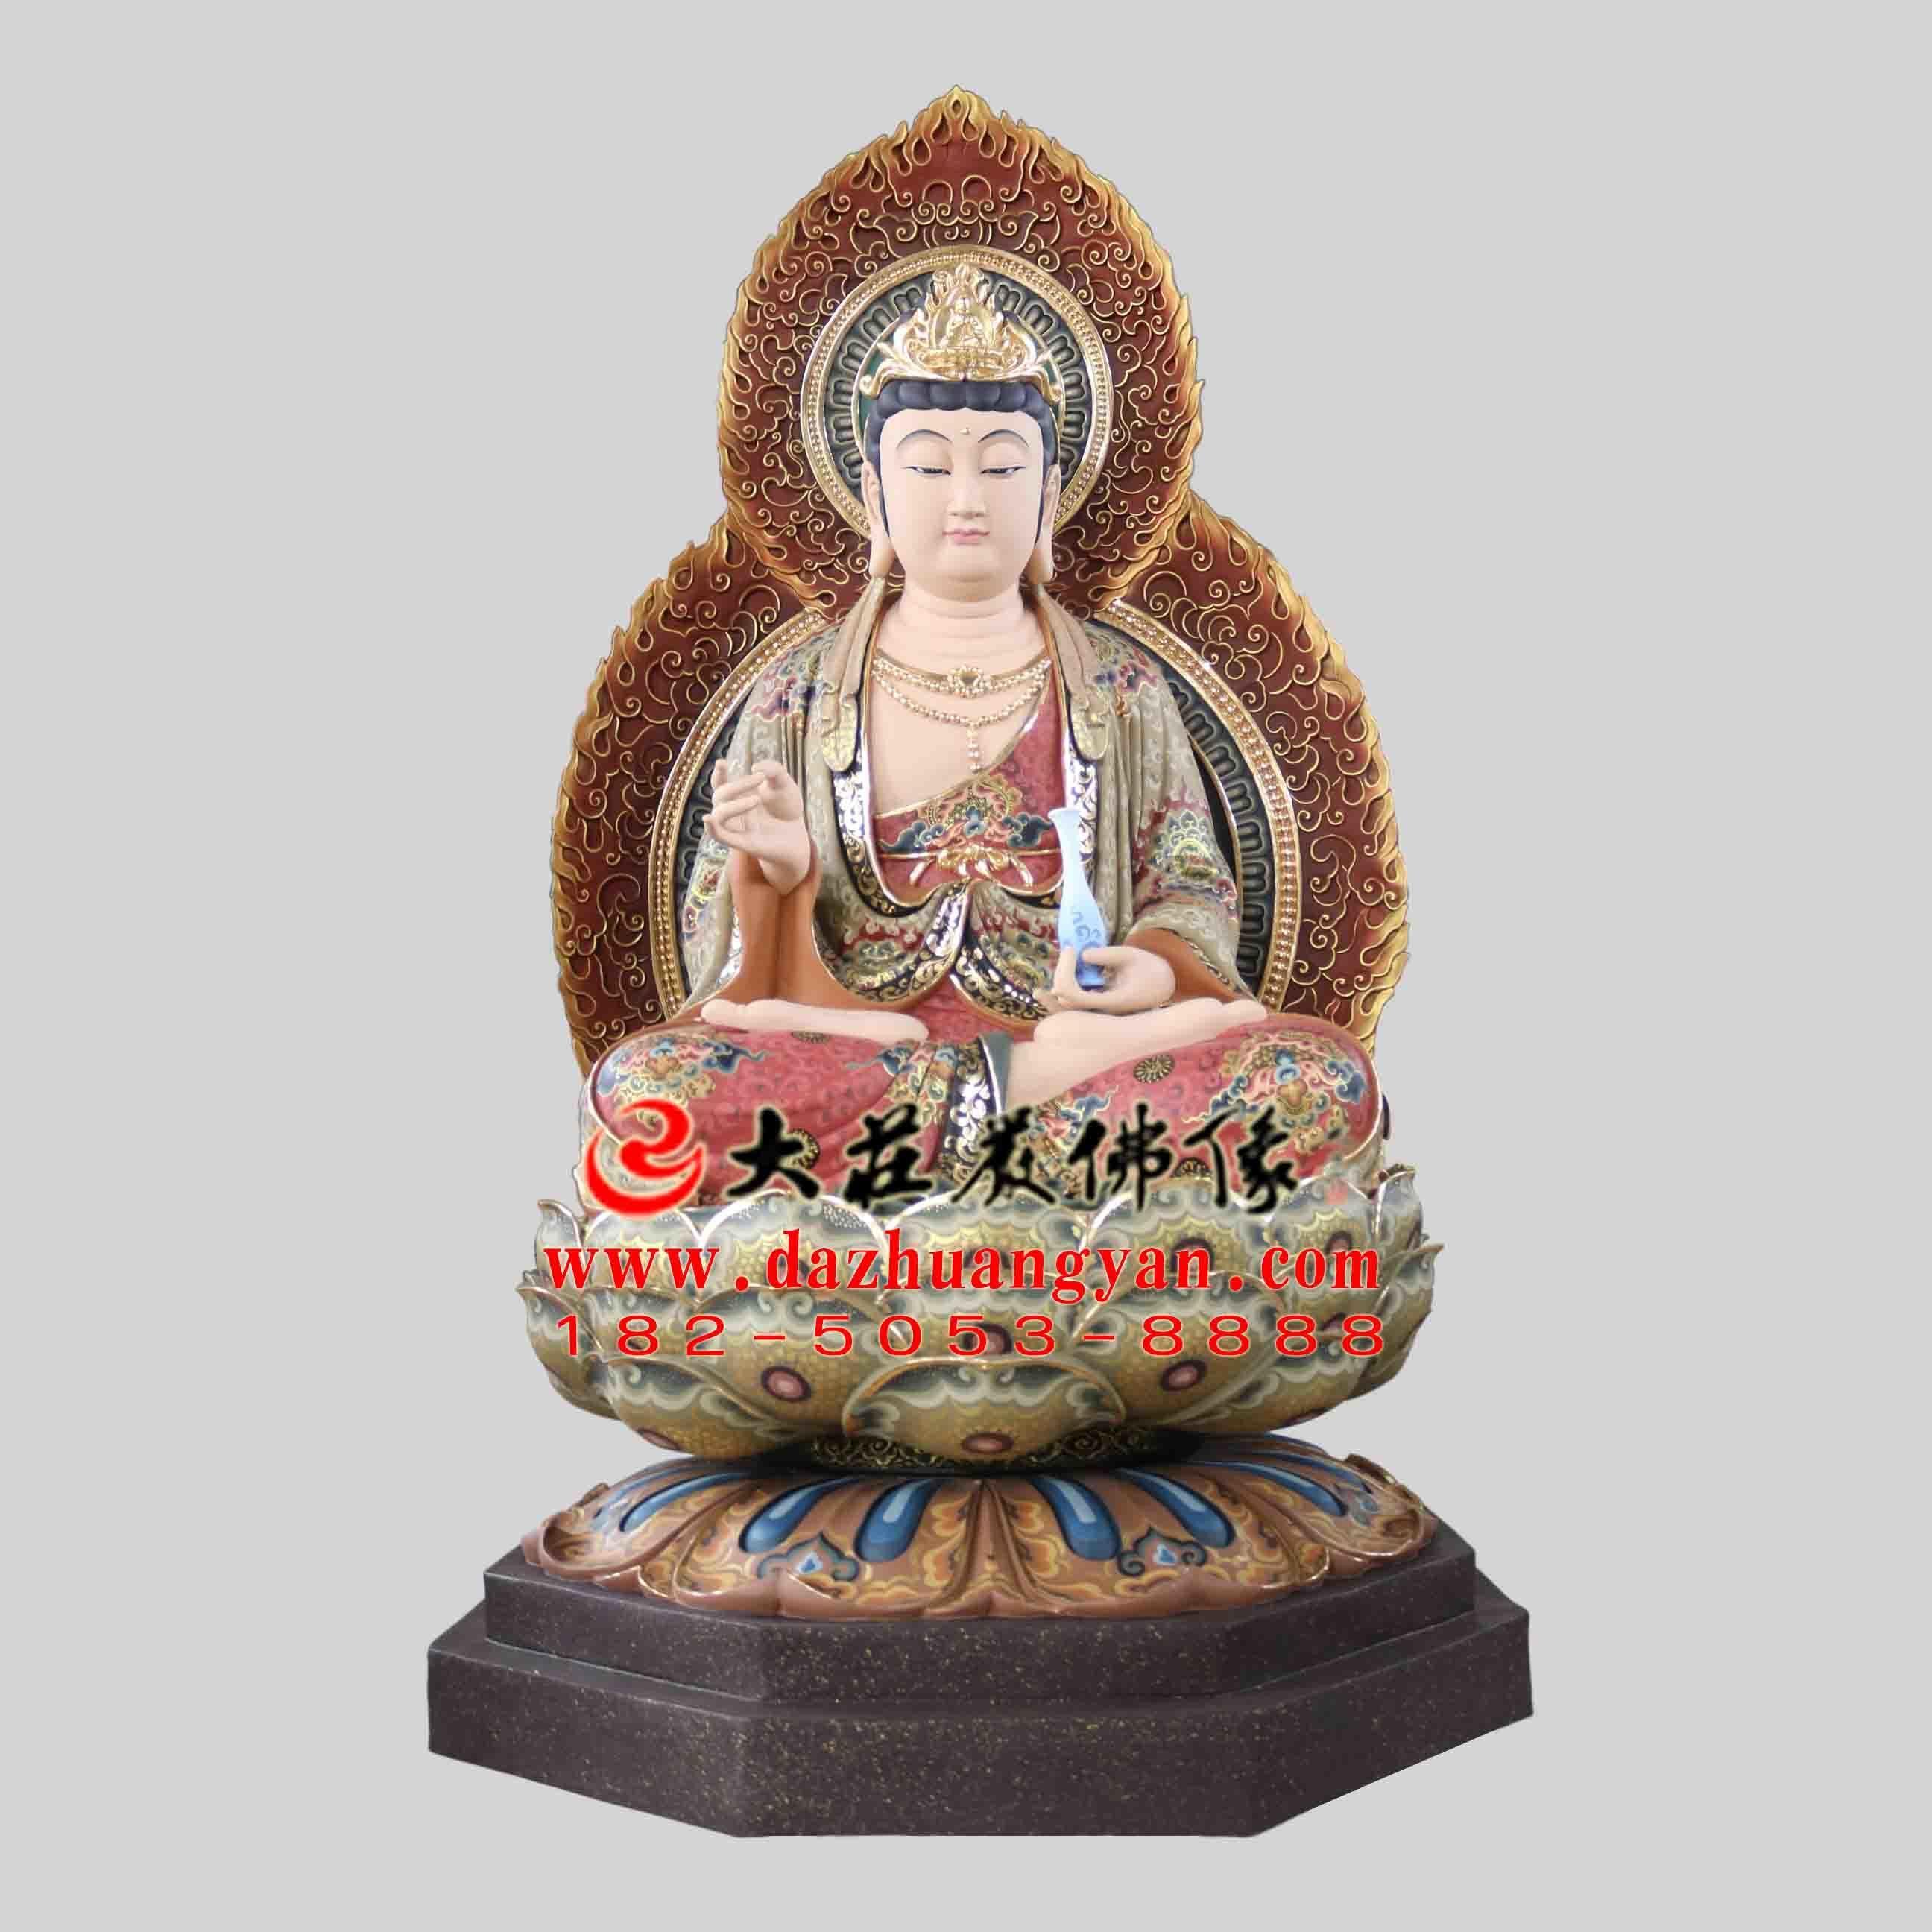 铜雕西方三圣之观音菩萨彩绘佛像